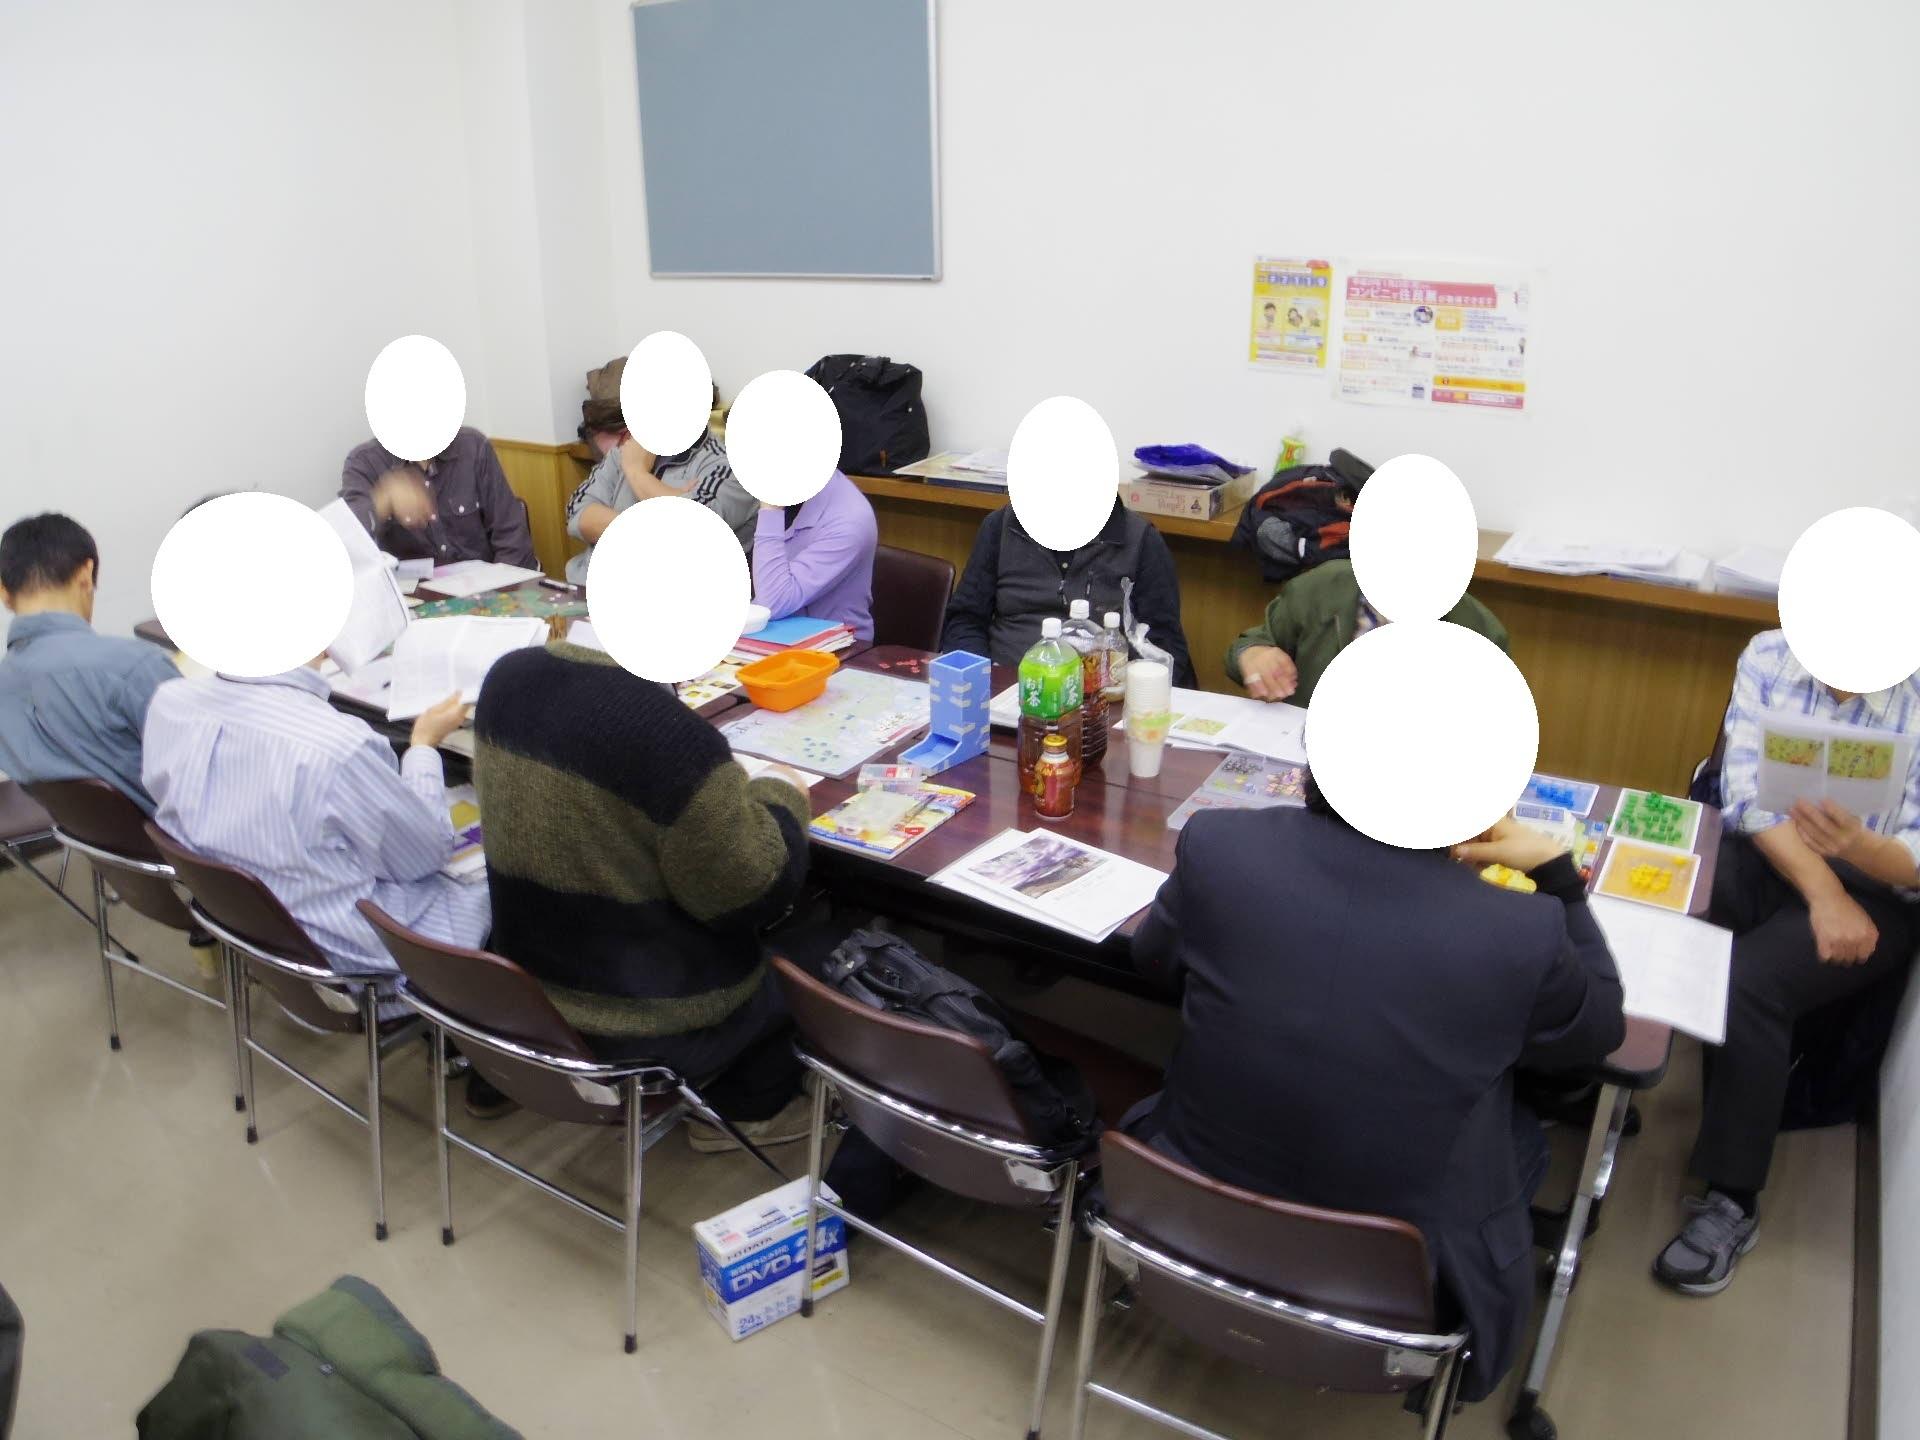 2018.12.22(土)2018年、平成最後のYSGA忘年会待機ゲーム集会その1...例会風景_b0173672_22163693.jpg